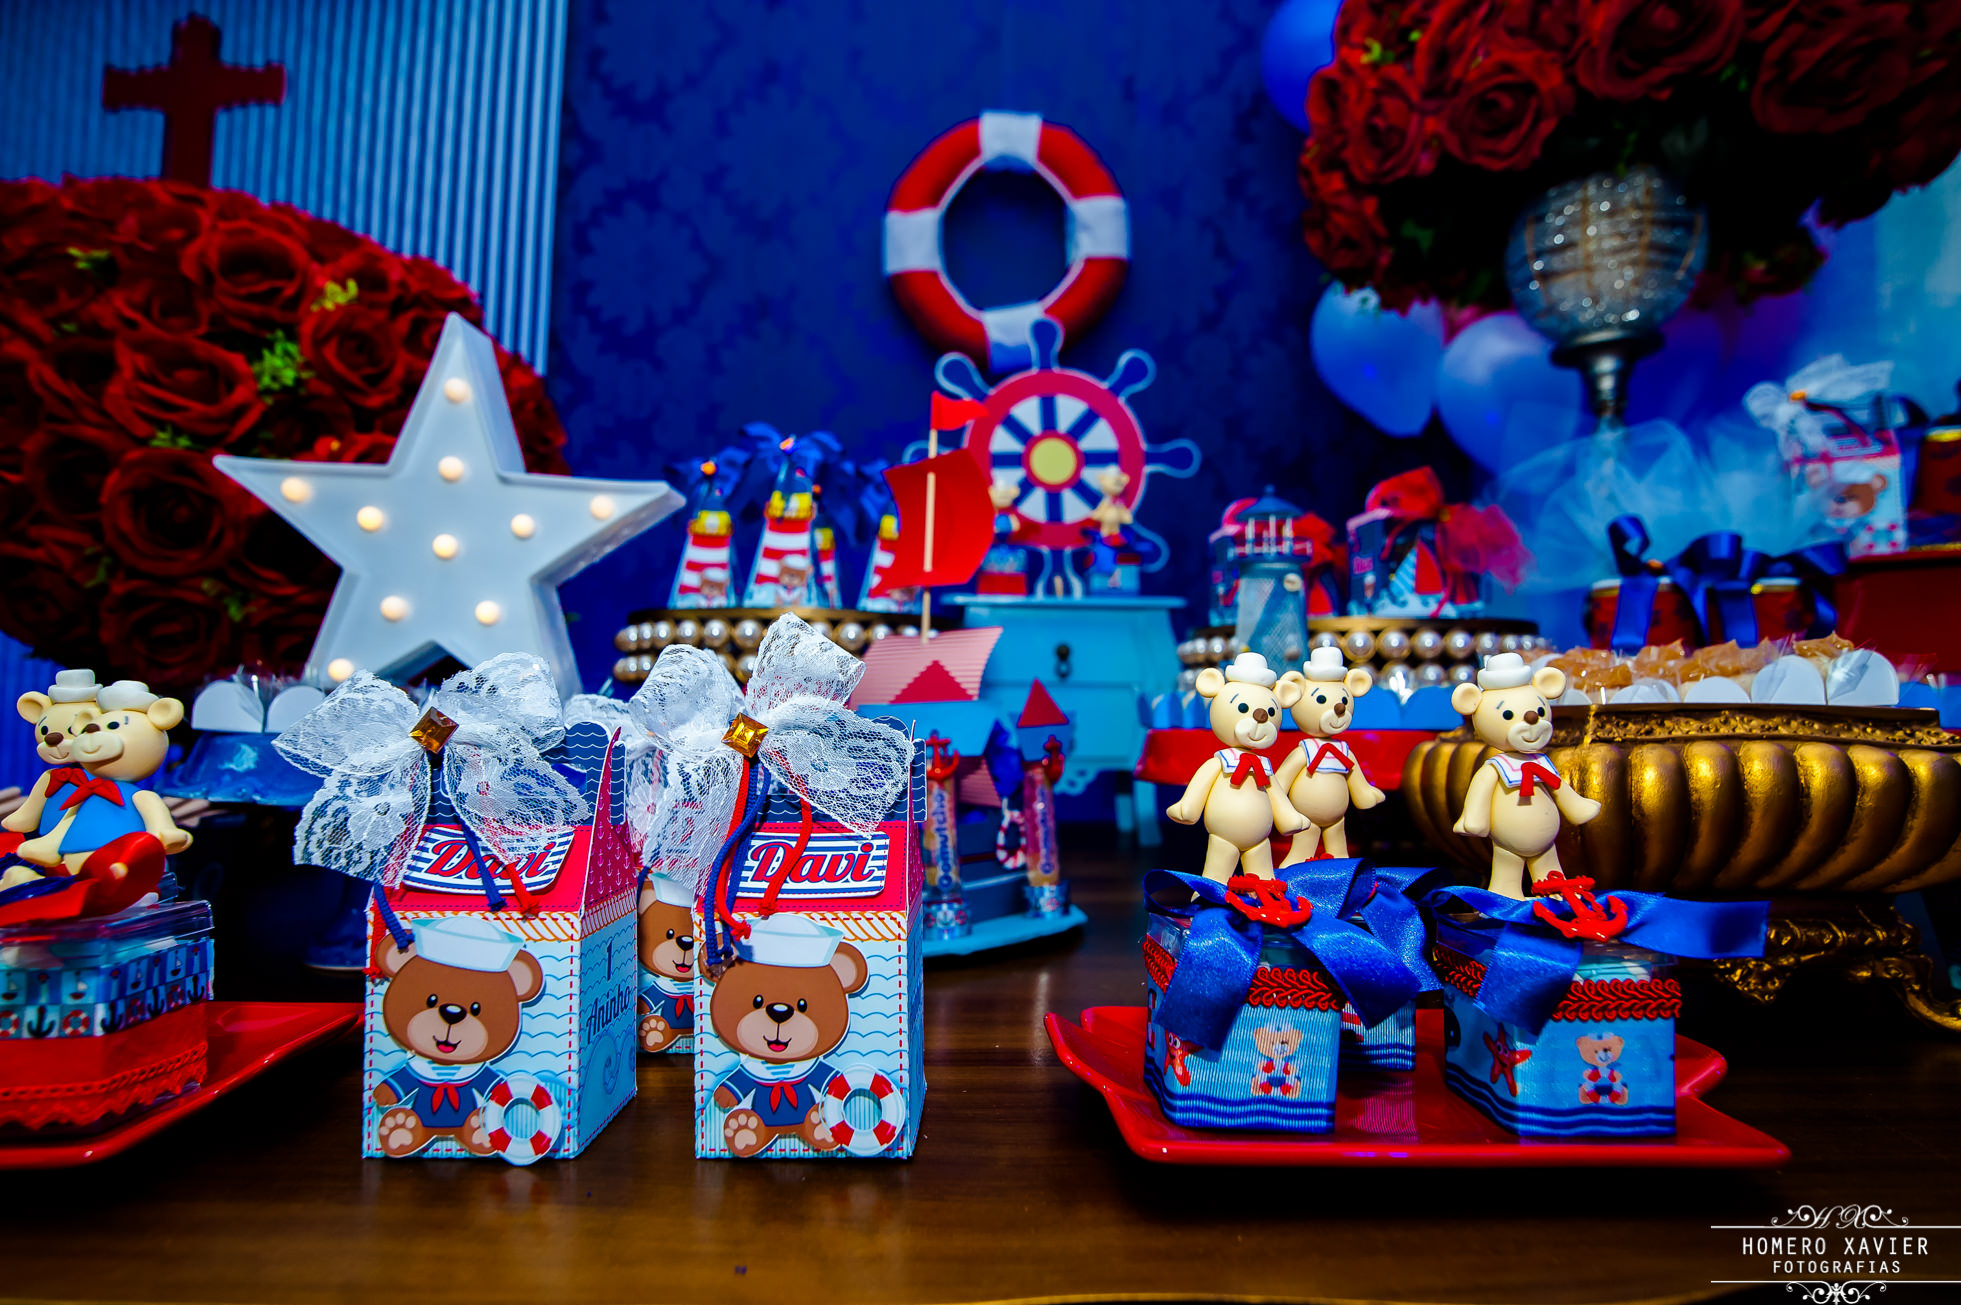 fotografia festa infantil ursinho Marinheiro Jardins Espaco para eventos BH